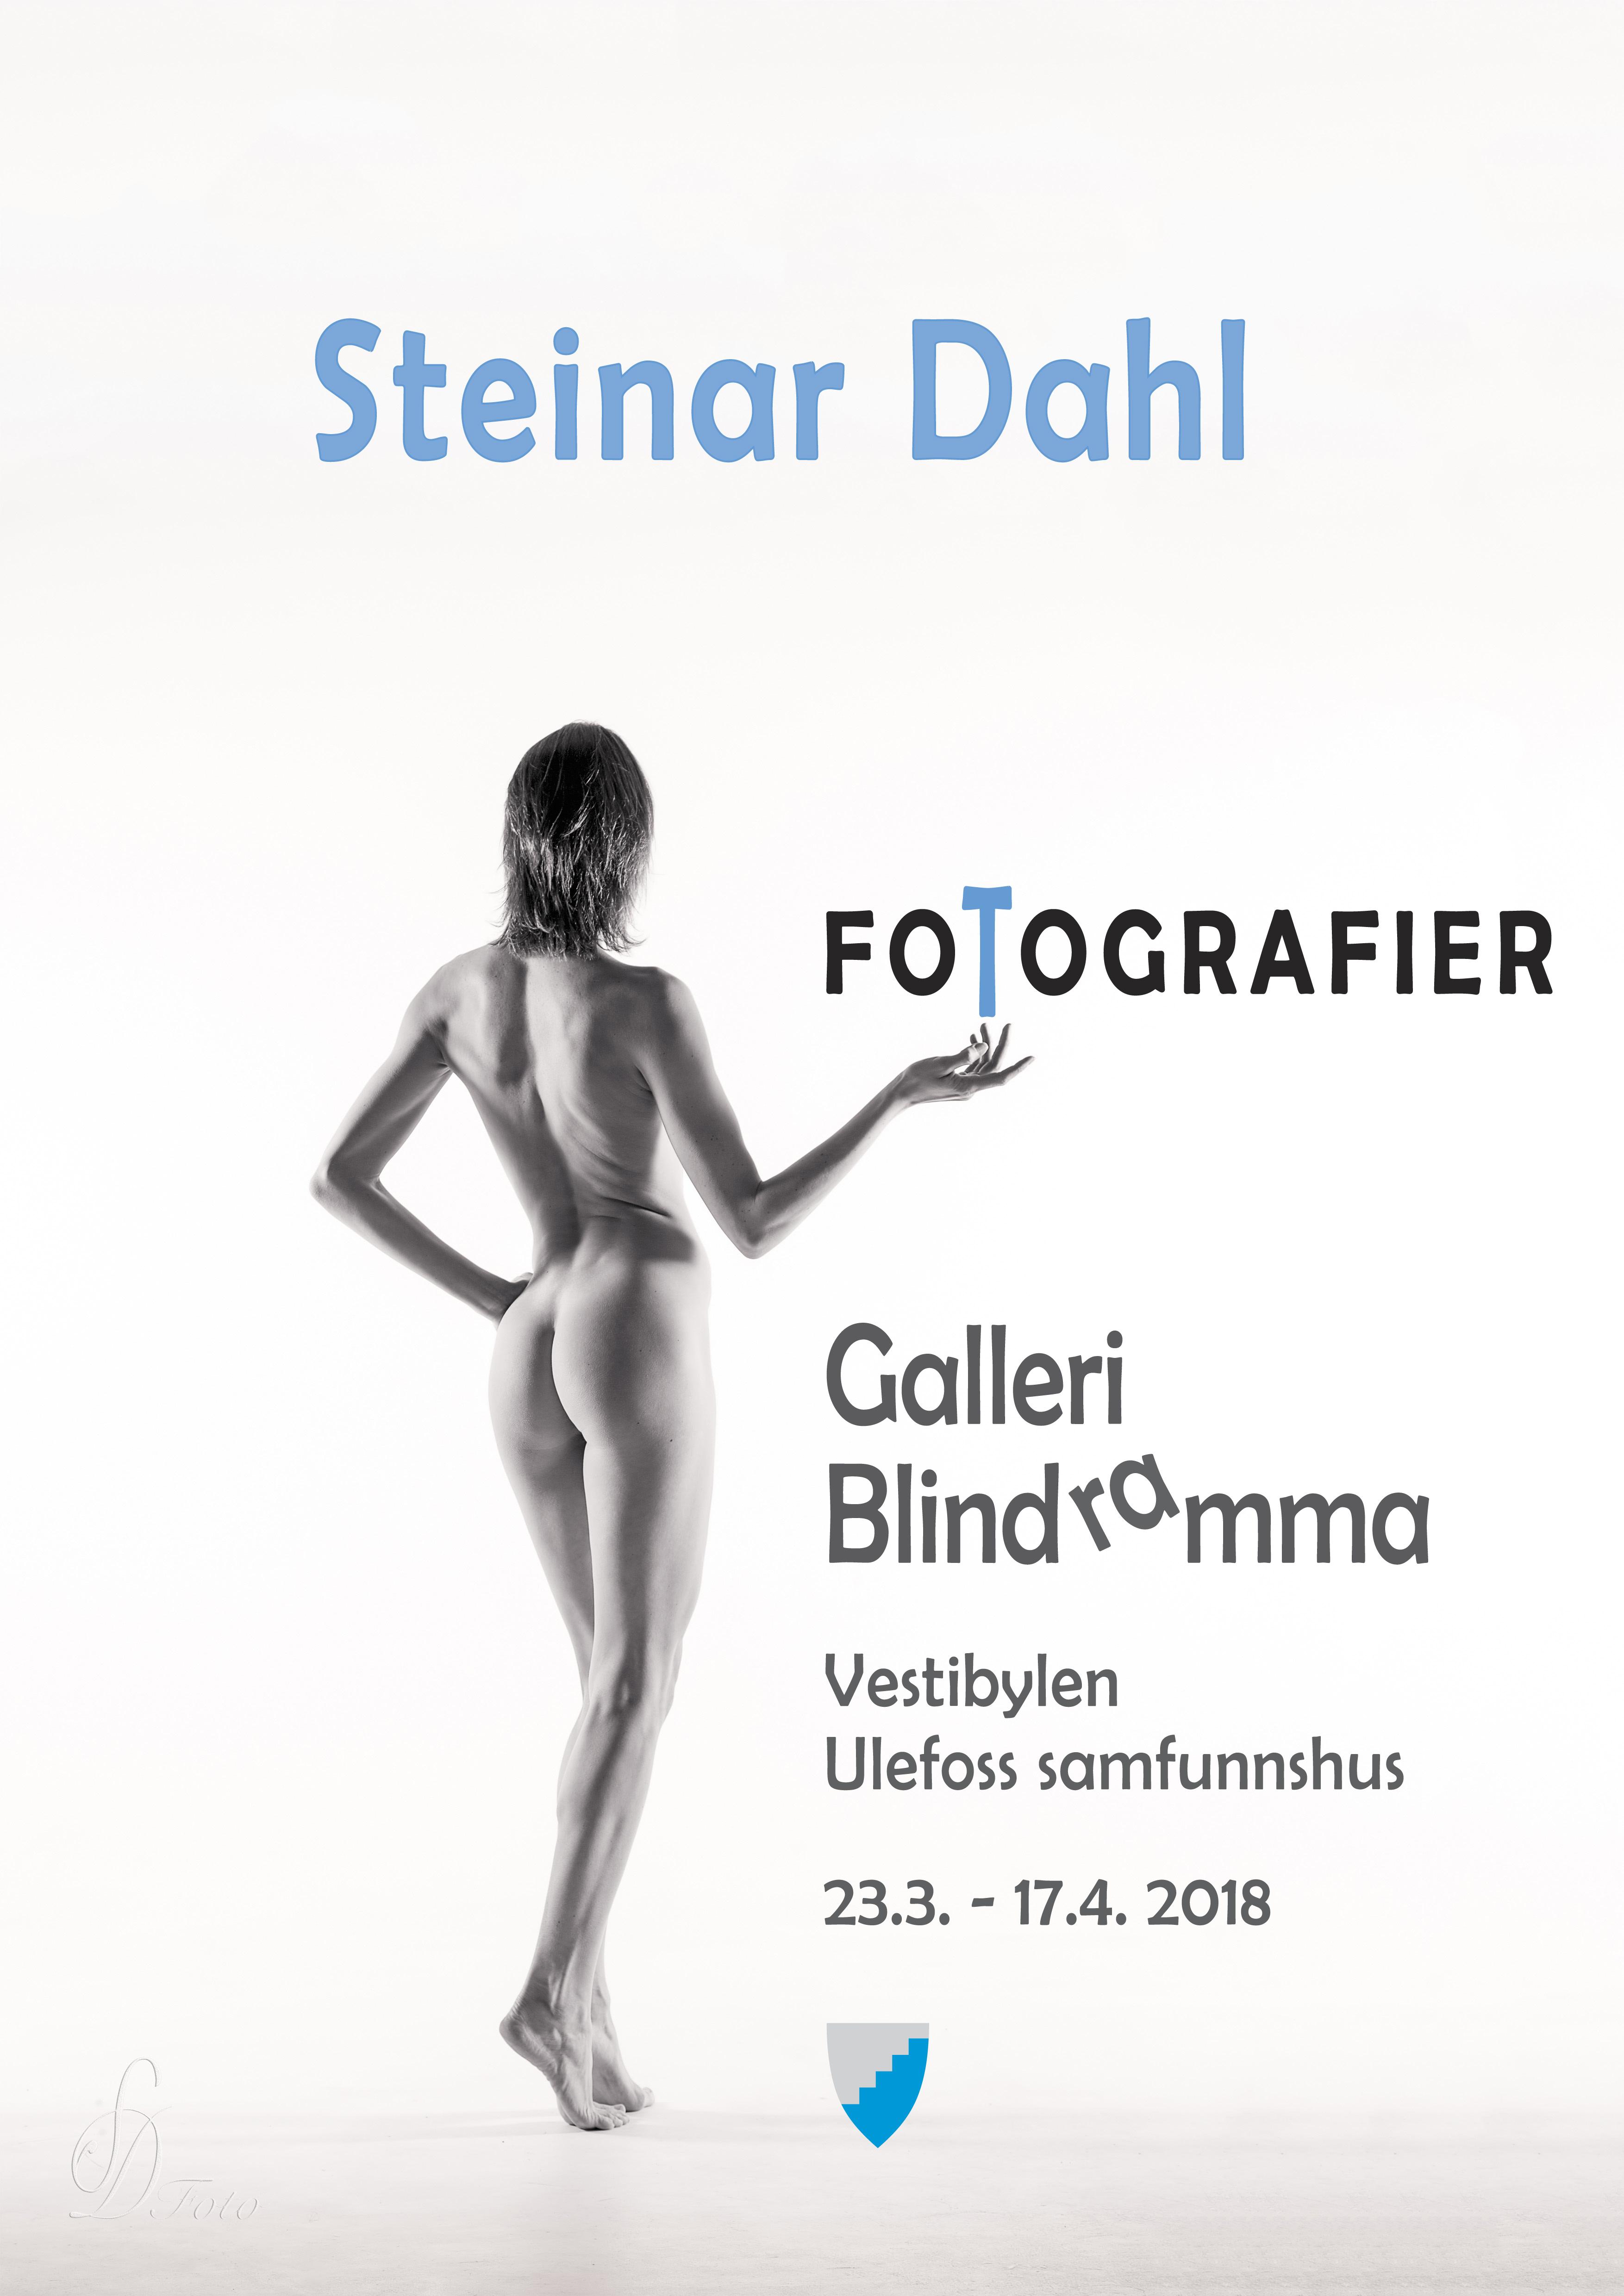 Galleri Blindramma: Åpning av Steinar Dahls utstilling Fotografier